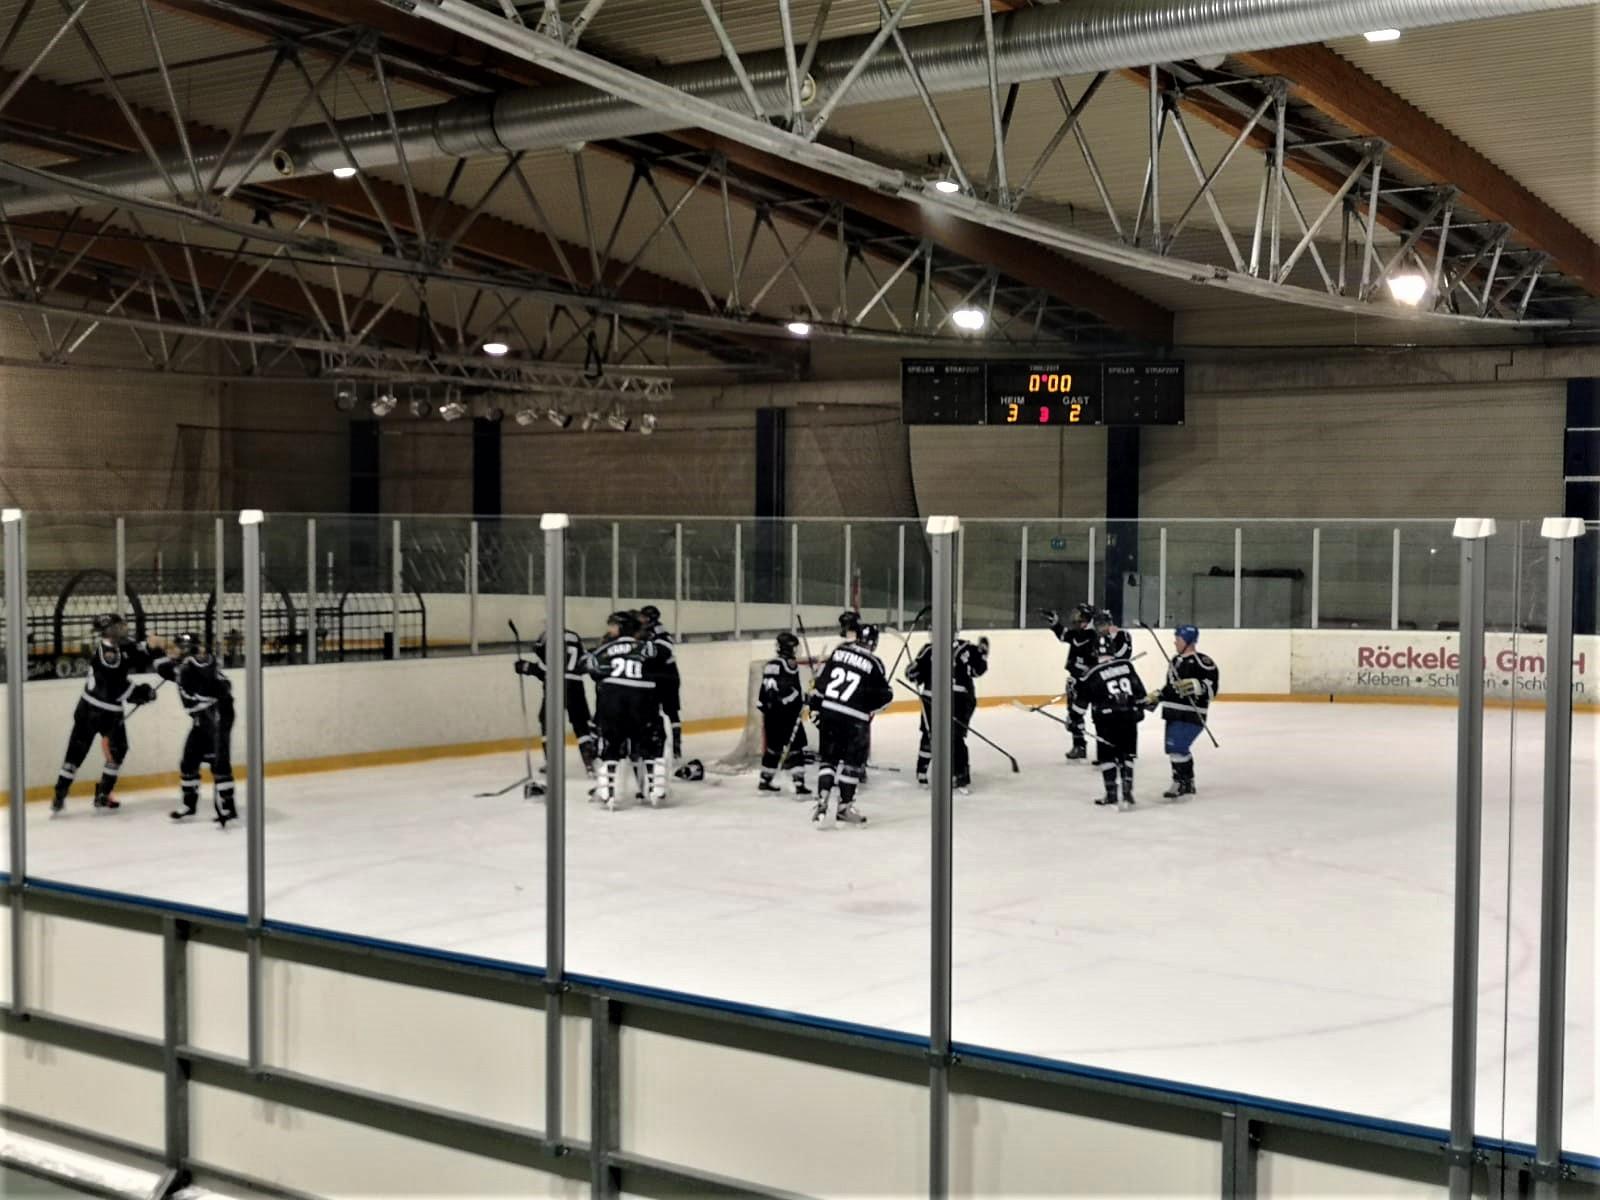 vs White Bucks Hockey 2 - 16022020 (2)